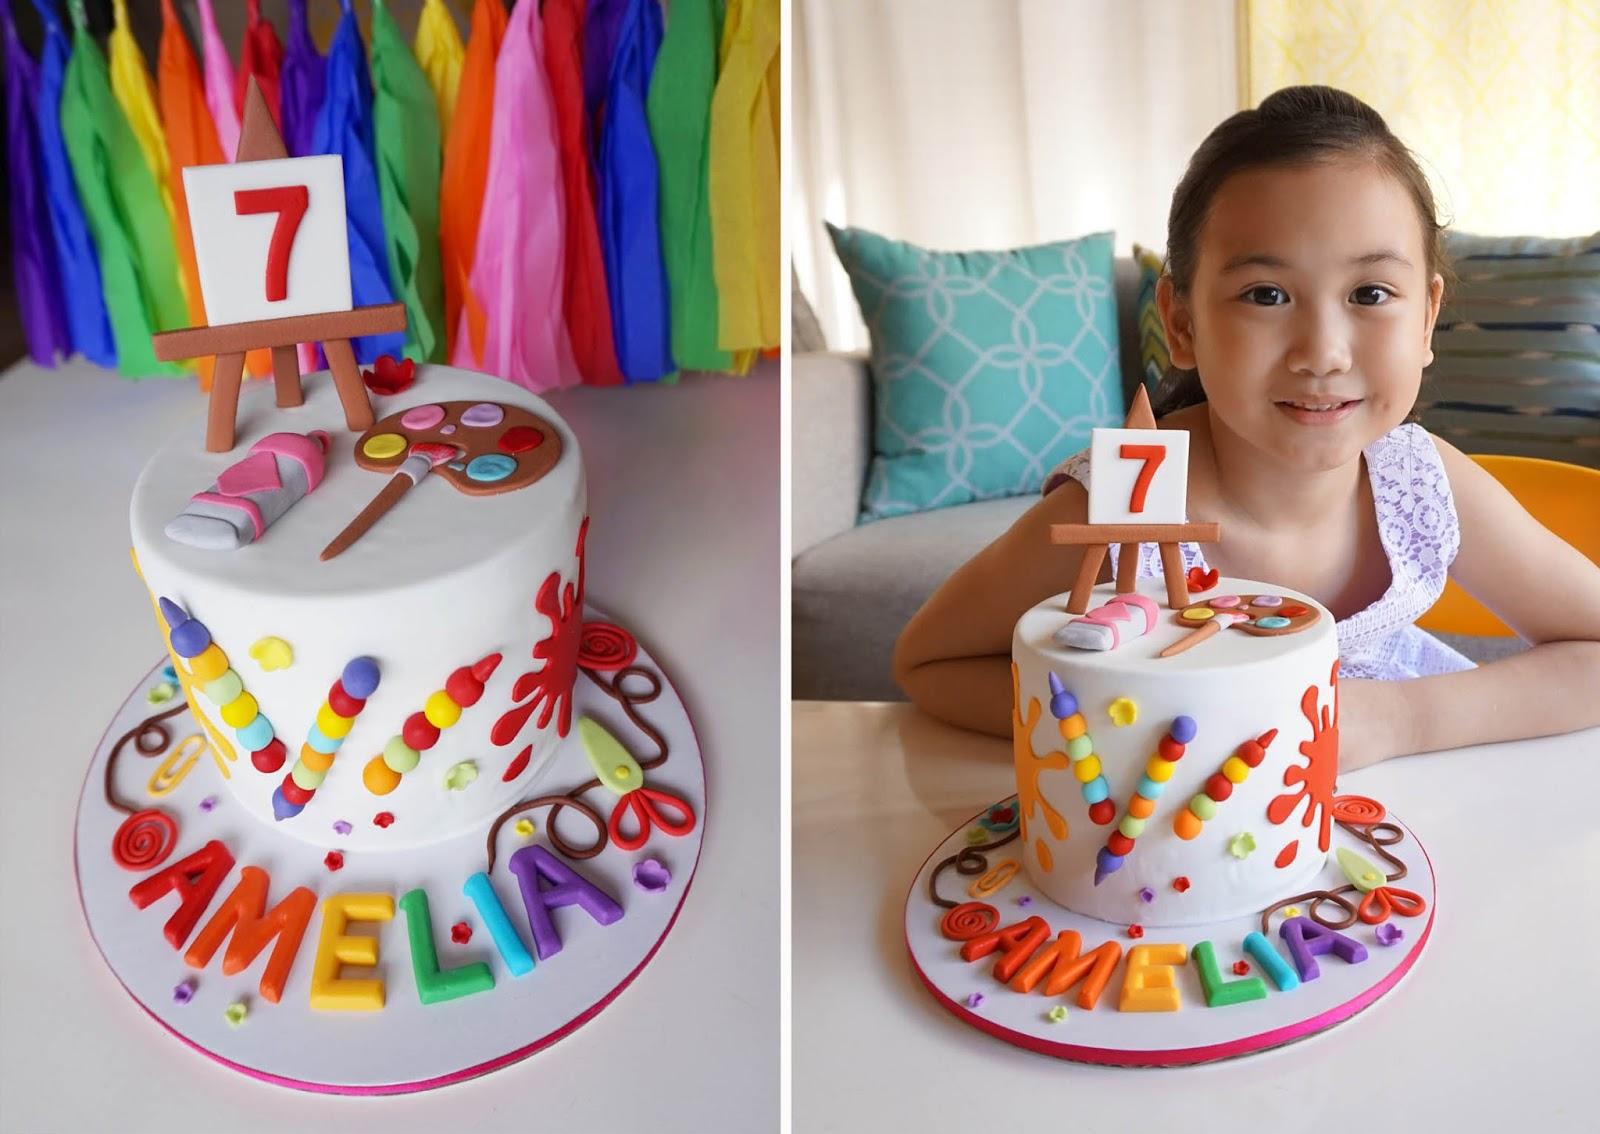 MrsMommyHolic A 7th Birthday Party in McDonalds